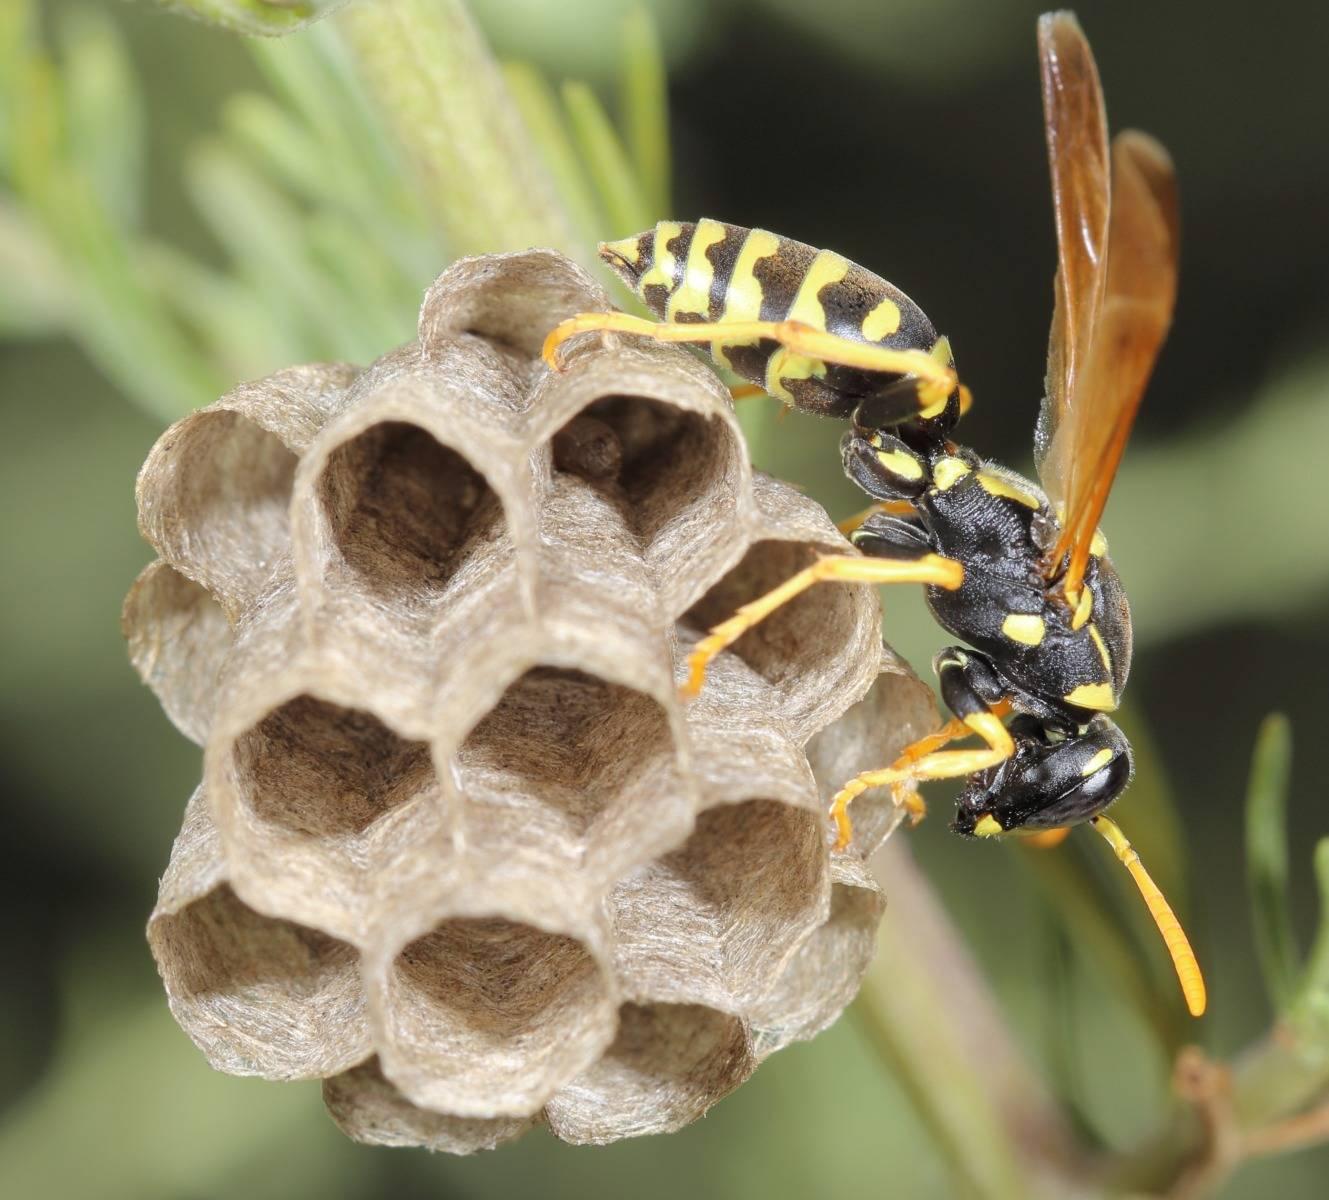 Осы и шершни в саду. опасны ли осы и шершни для человека?